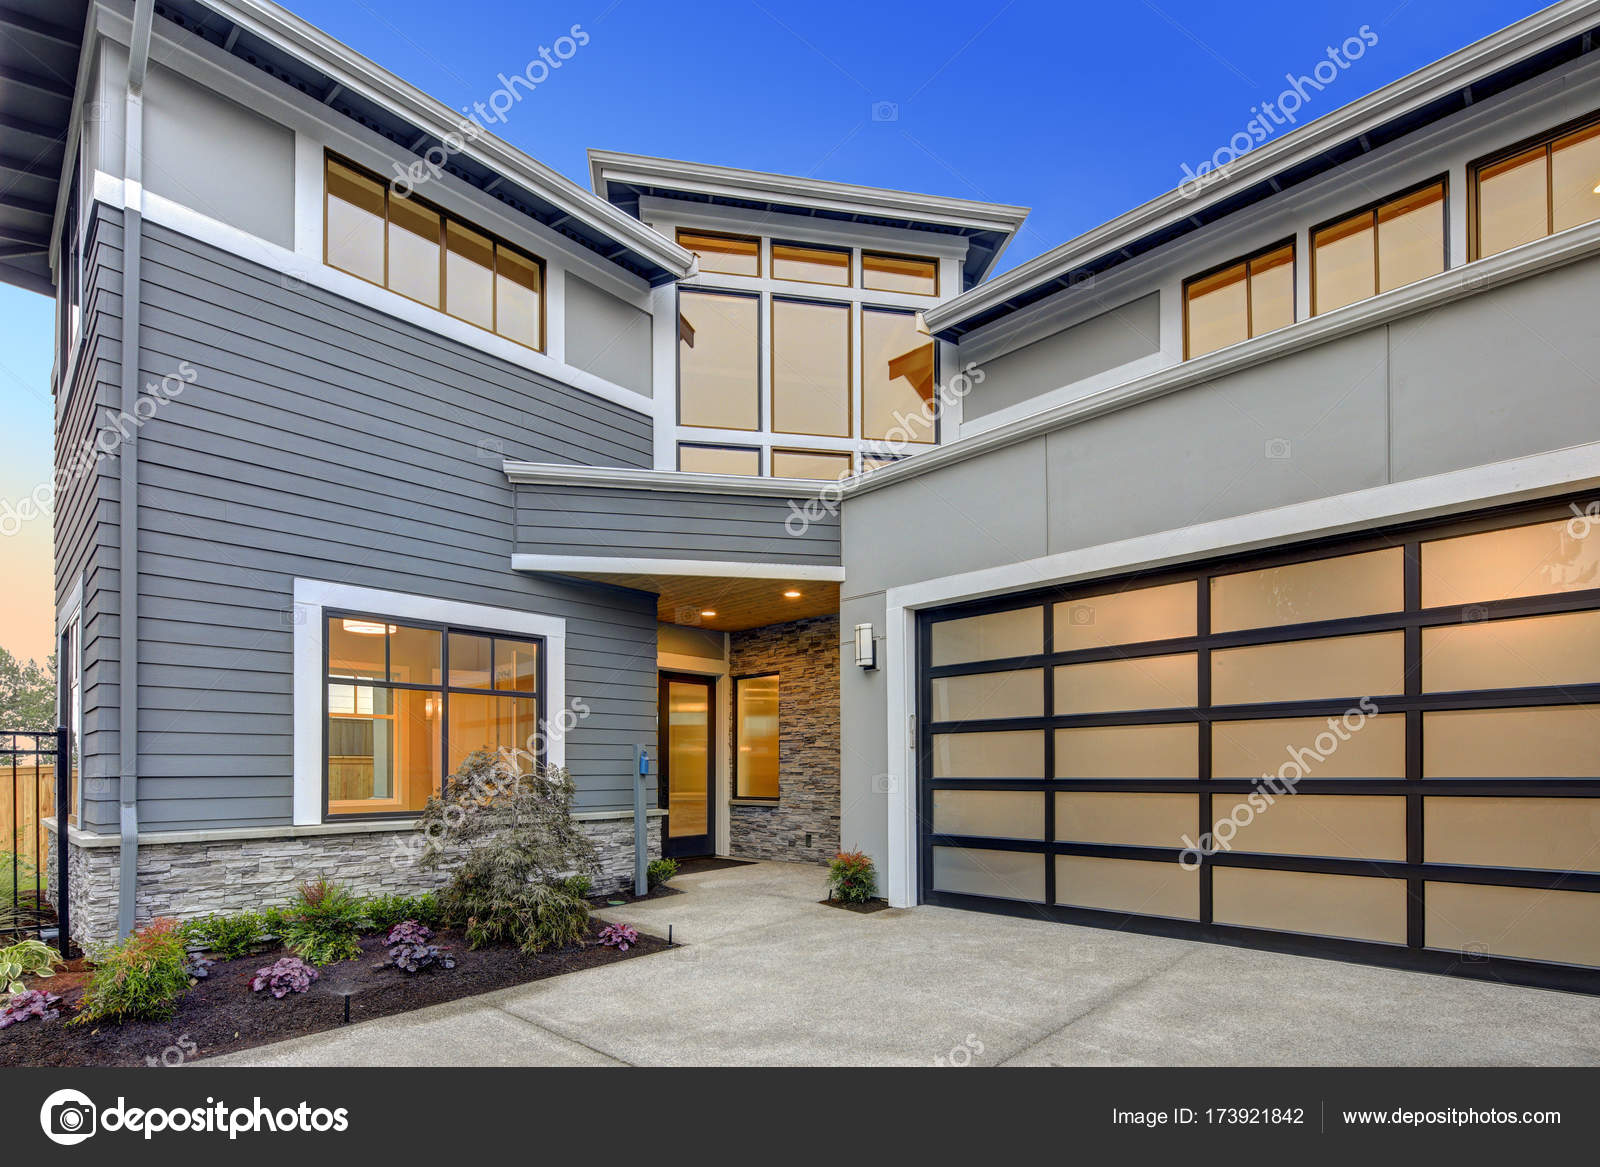 Casa Stile Moderno Esterni : Esterno della casa stile moderno artigiano u foto stock